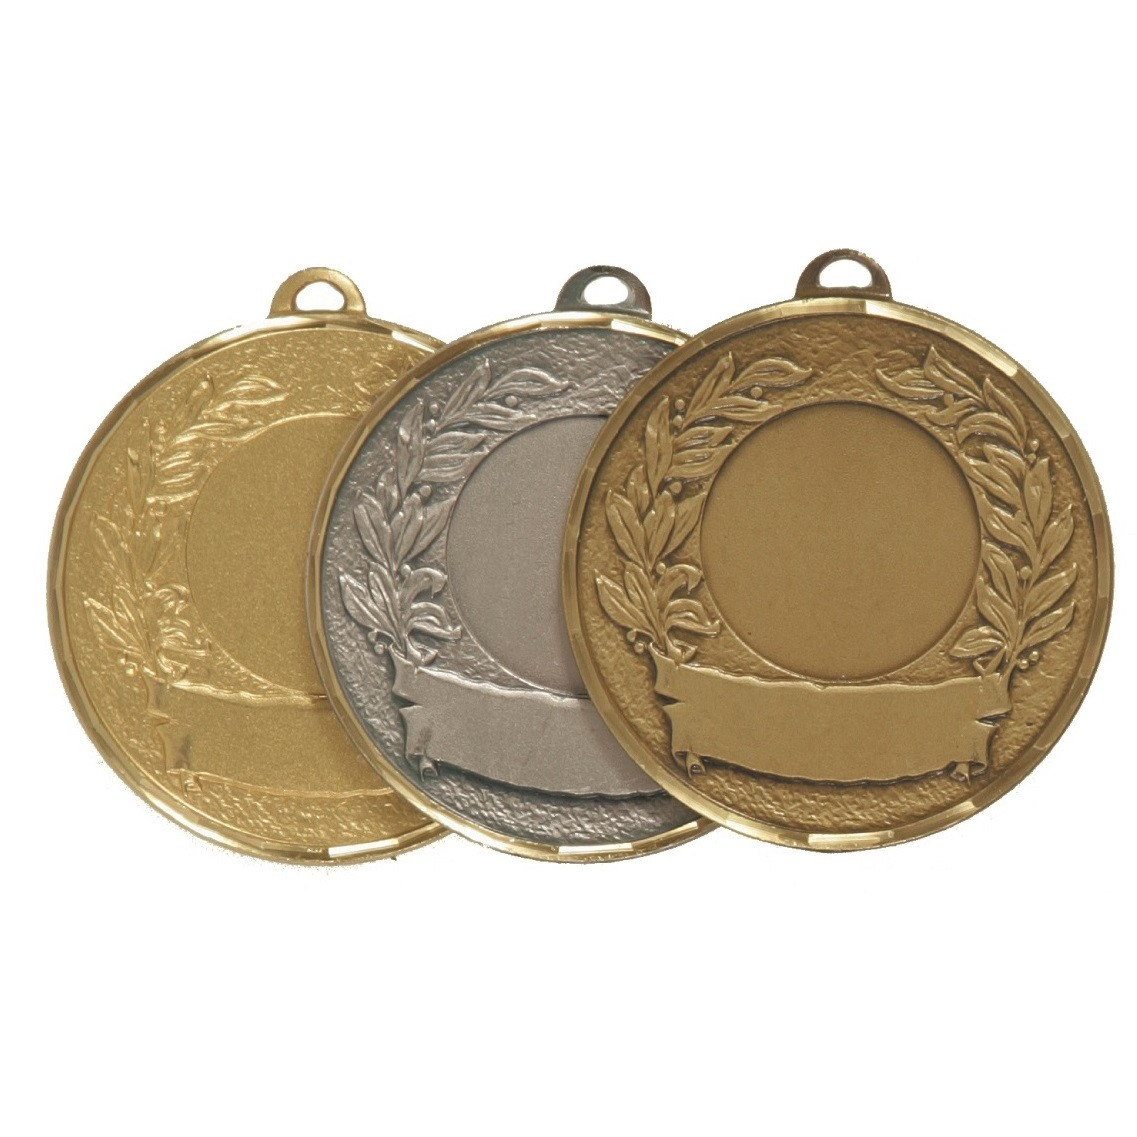 Faceted Laurel & Banner Medal - 5600F